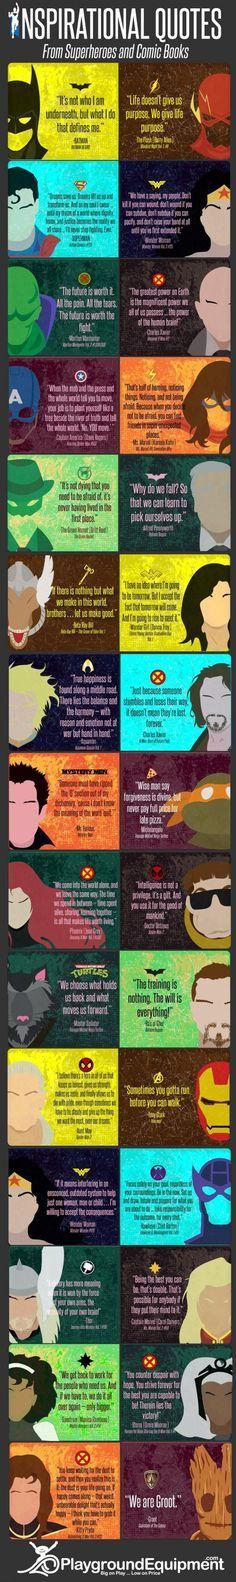 Inspirational Superhero Quotes - 9GAG